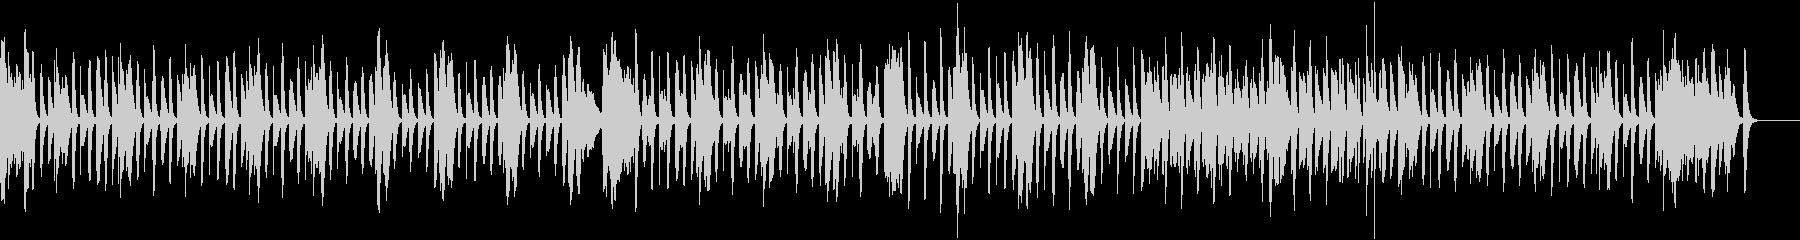 とぼけた動物のマリンバ日常曲(打楽器無)の未再生の波形